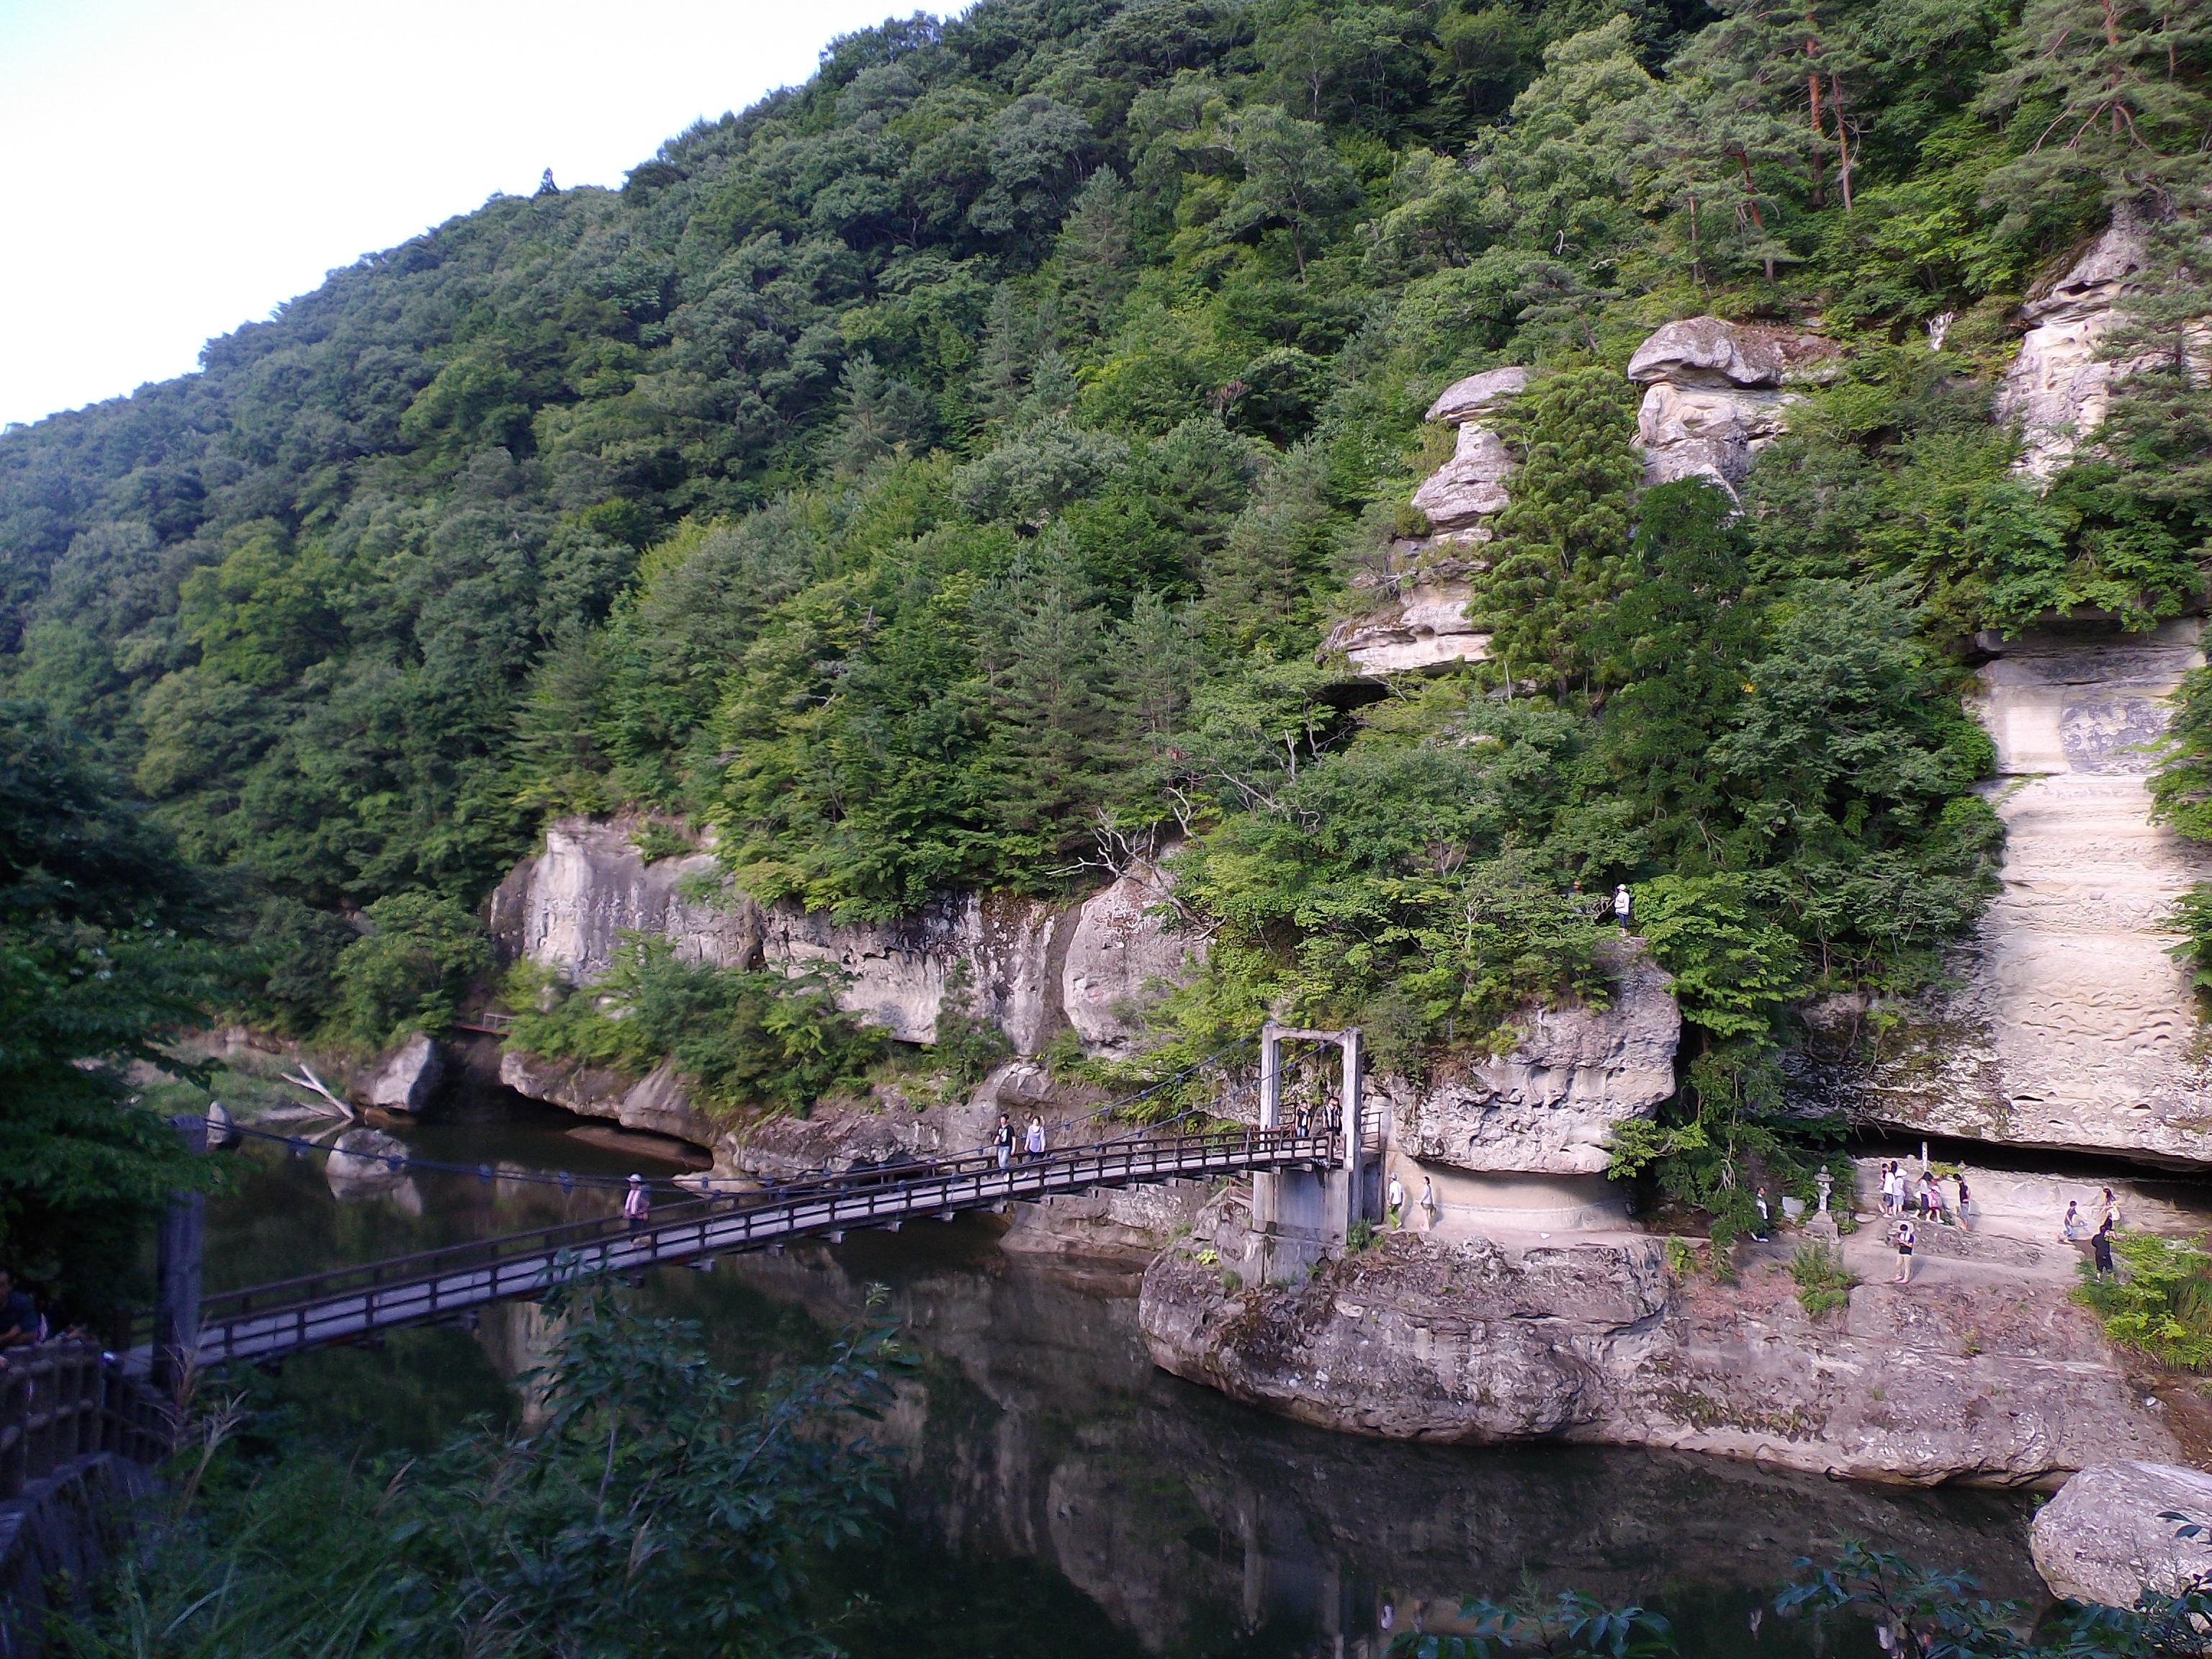 スリル満点の吊り橋と絶景。塔のへつりで雄大な風景を楽しもう。